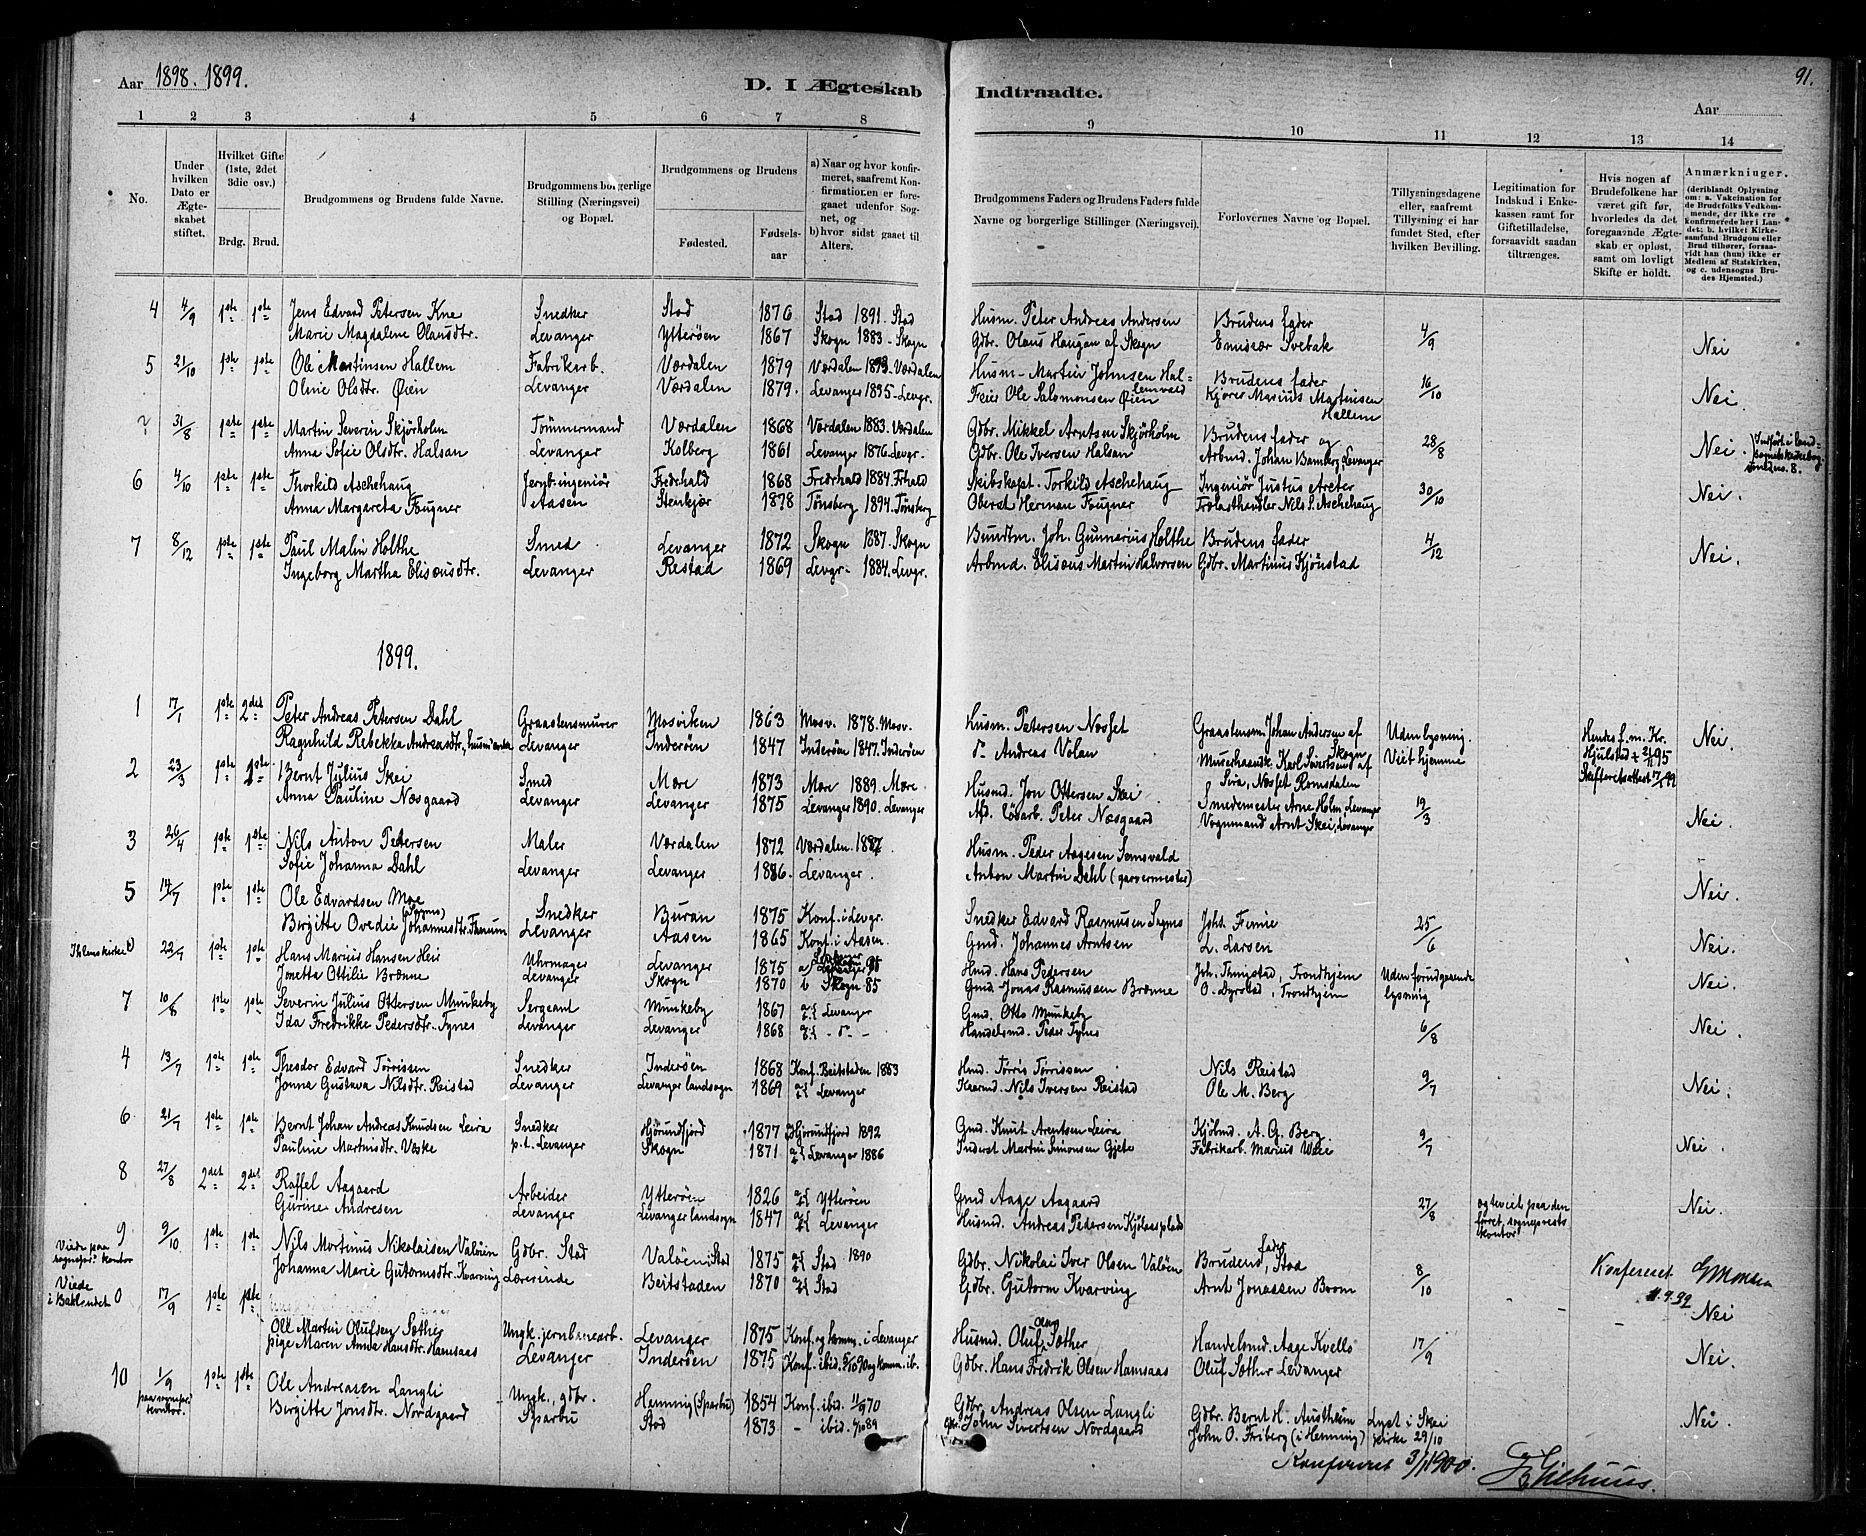 SAT, Ministerialprotokoller, klokkerbøker og fødselsregistre - Nord-Trøndelag, 720/L0192: Klokkerbok nr. 720C01, 1880-1917, s. 91